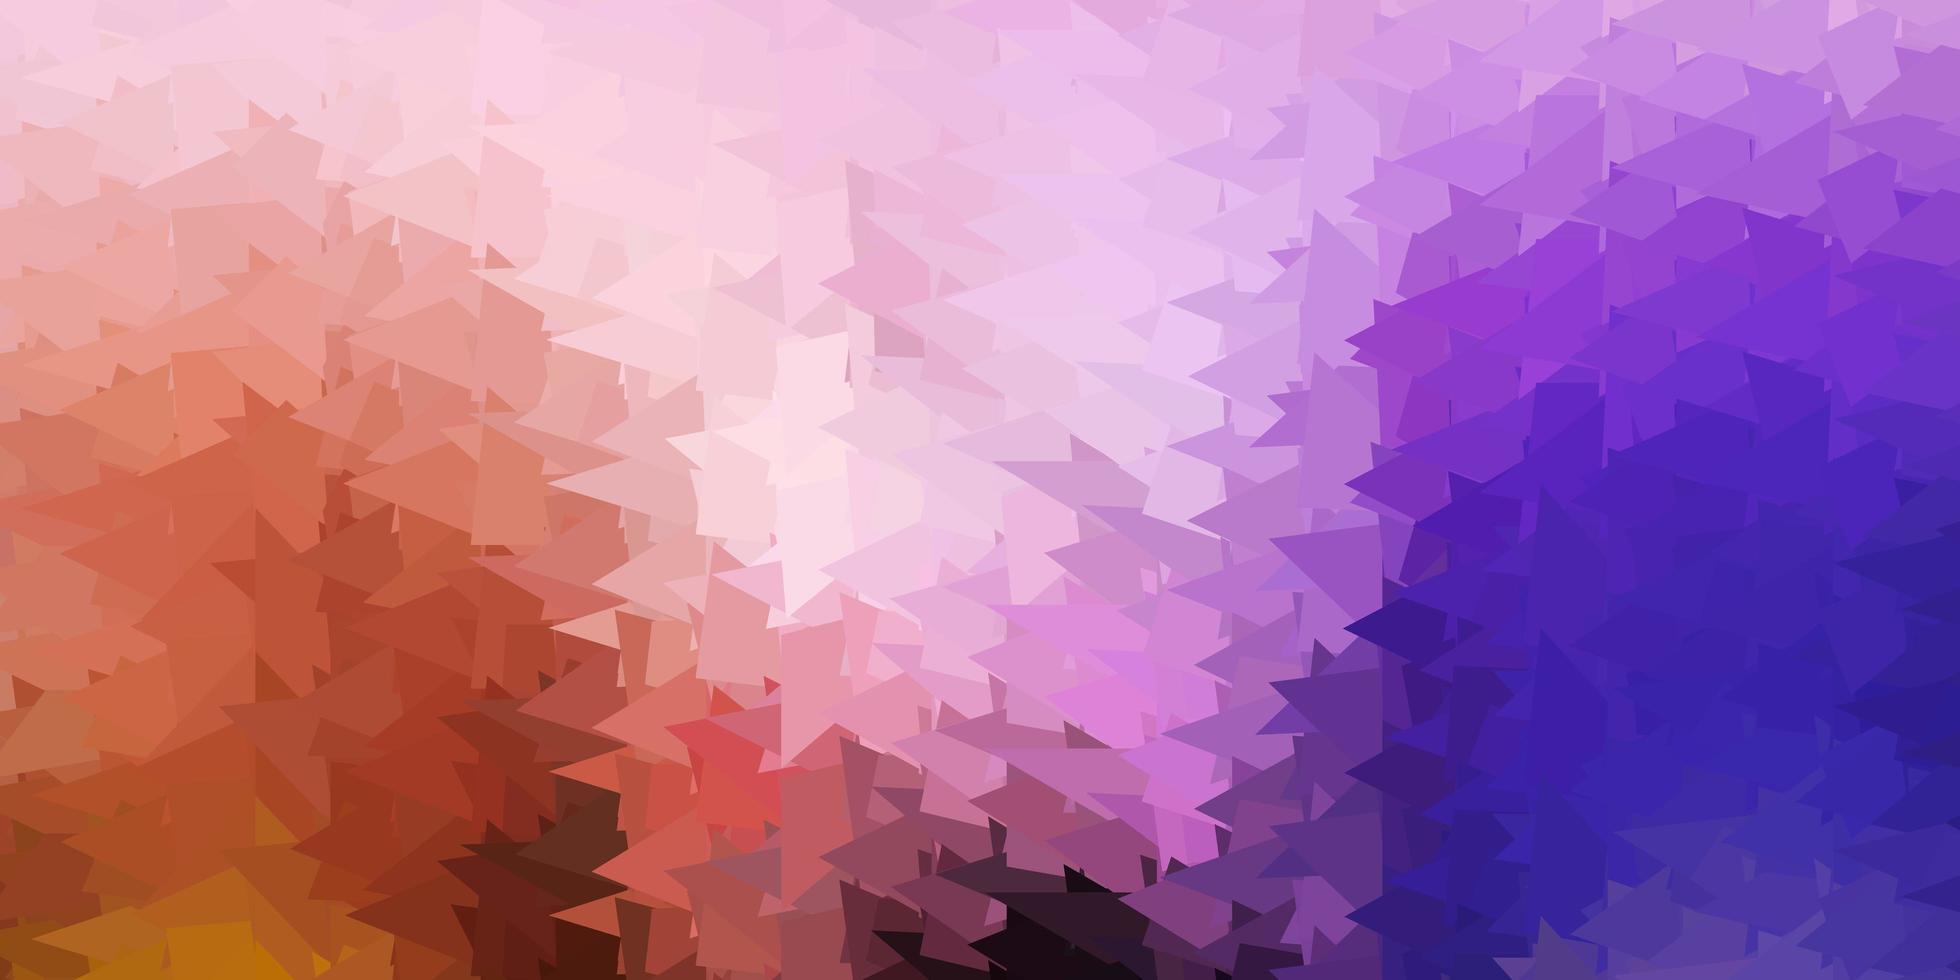 sfondo astratto triangolo vettoriale rosa scuro, giallo.